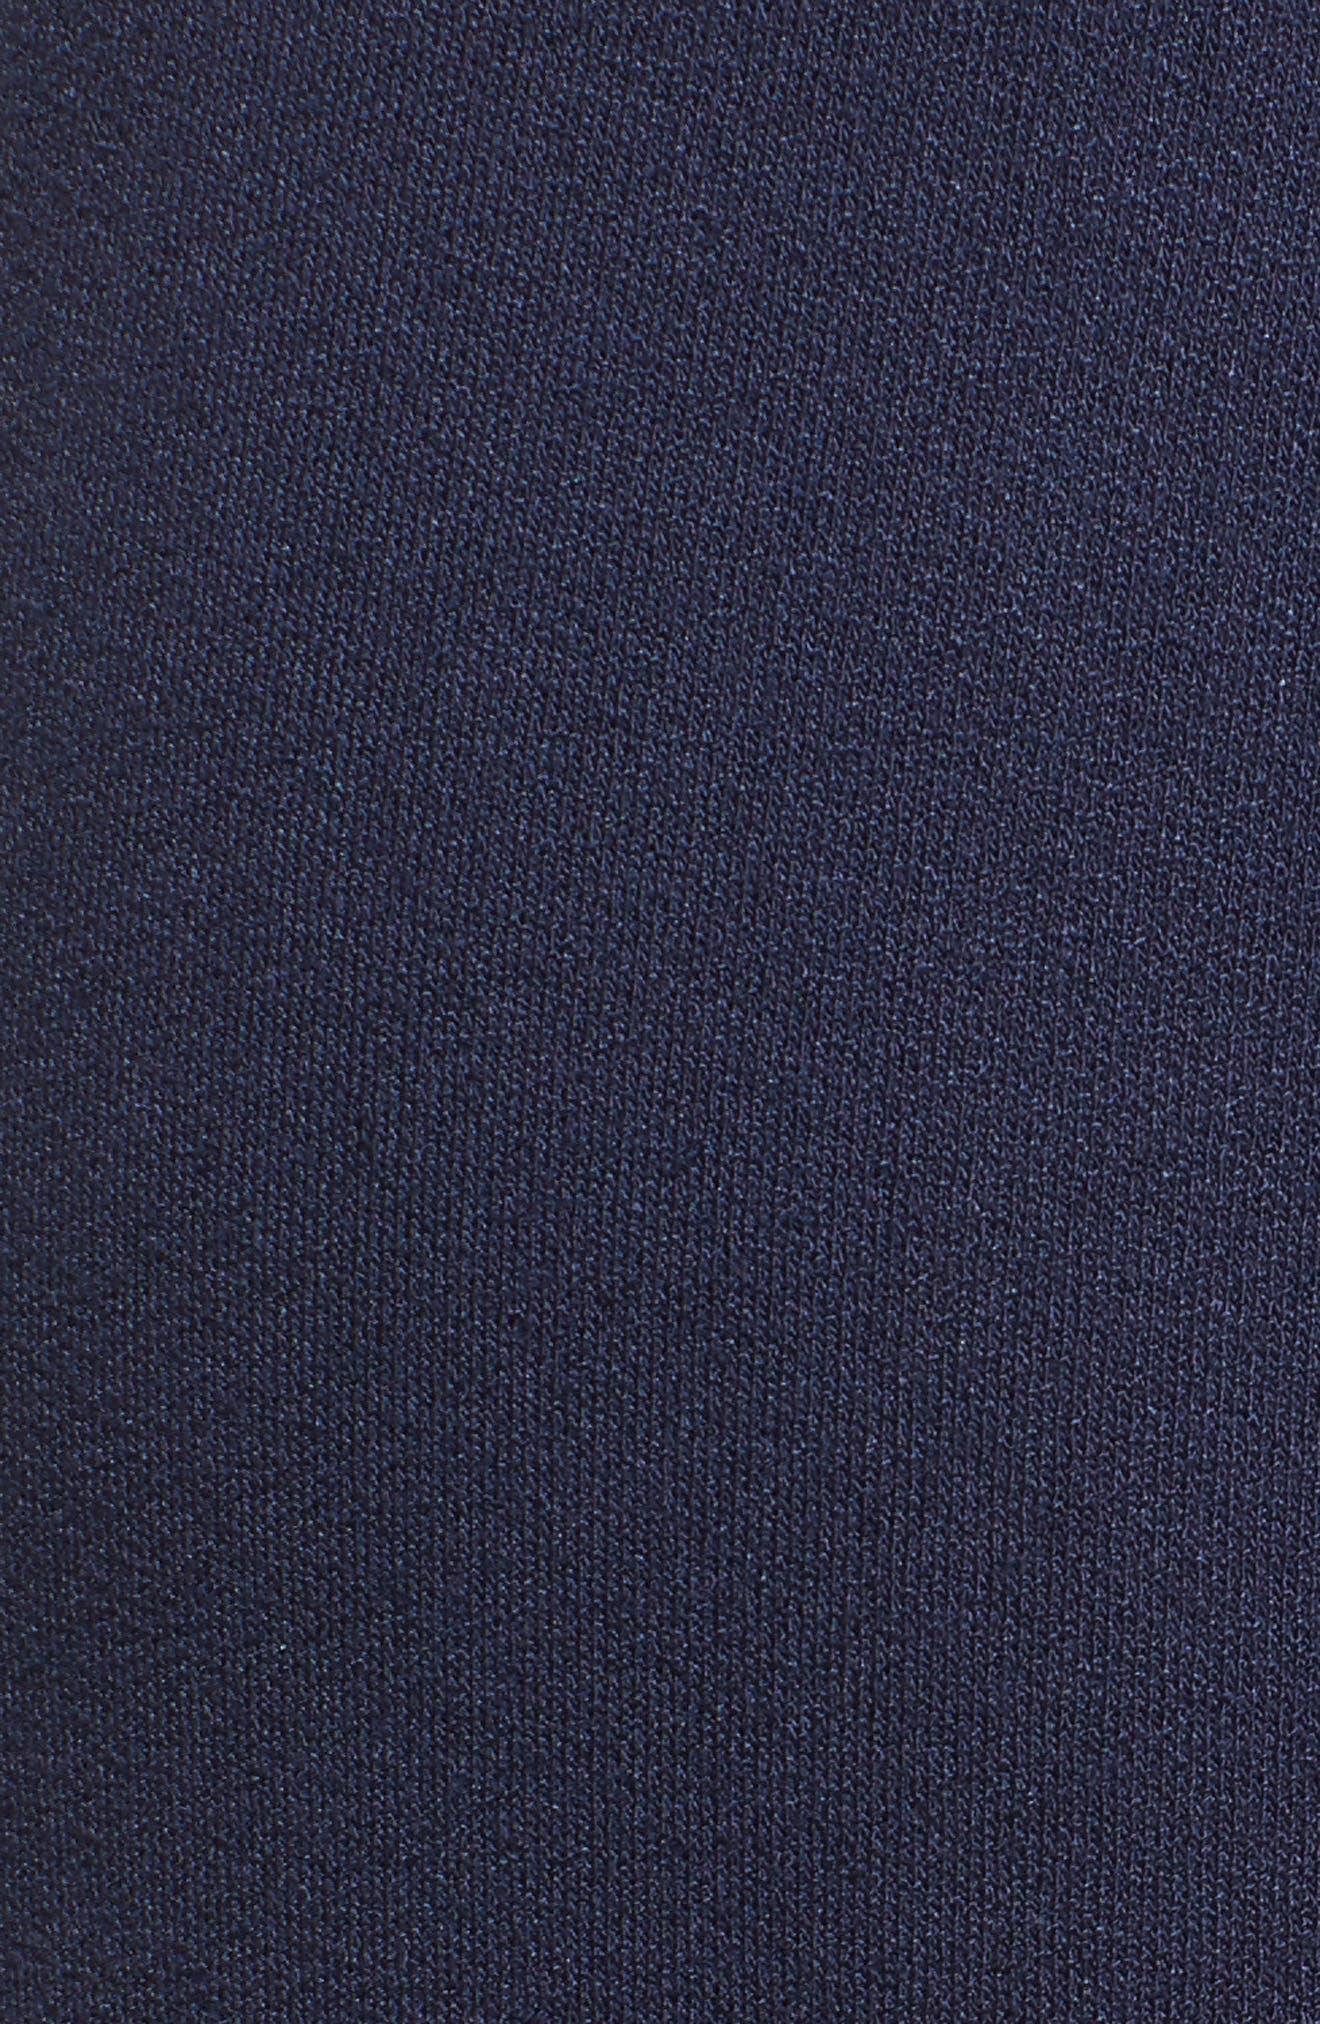 Knit Tulip Hem Pants,                             Alternate thumbnail 5, color,                             410